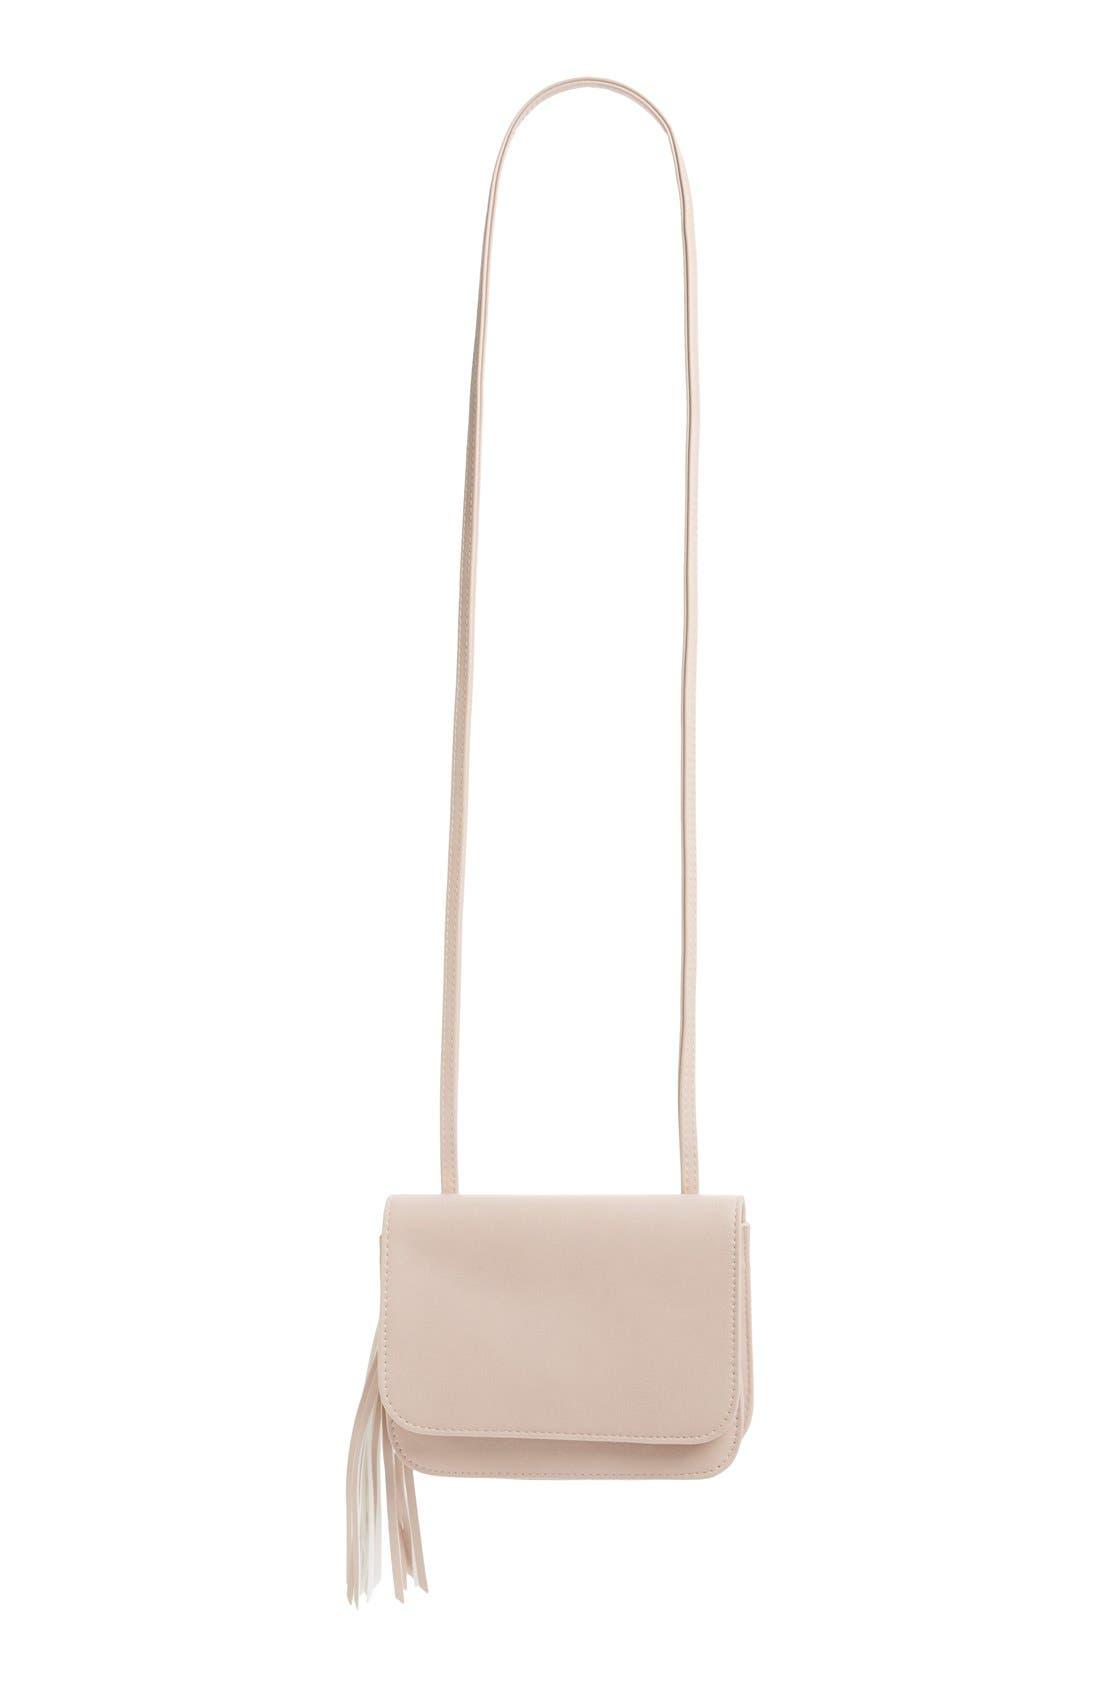 Tassel Crossbody Bag,                             Alternate thumbnail 6, color,                             Blush